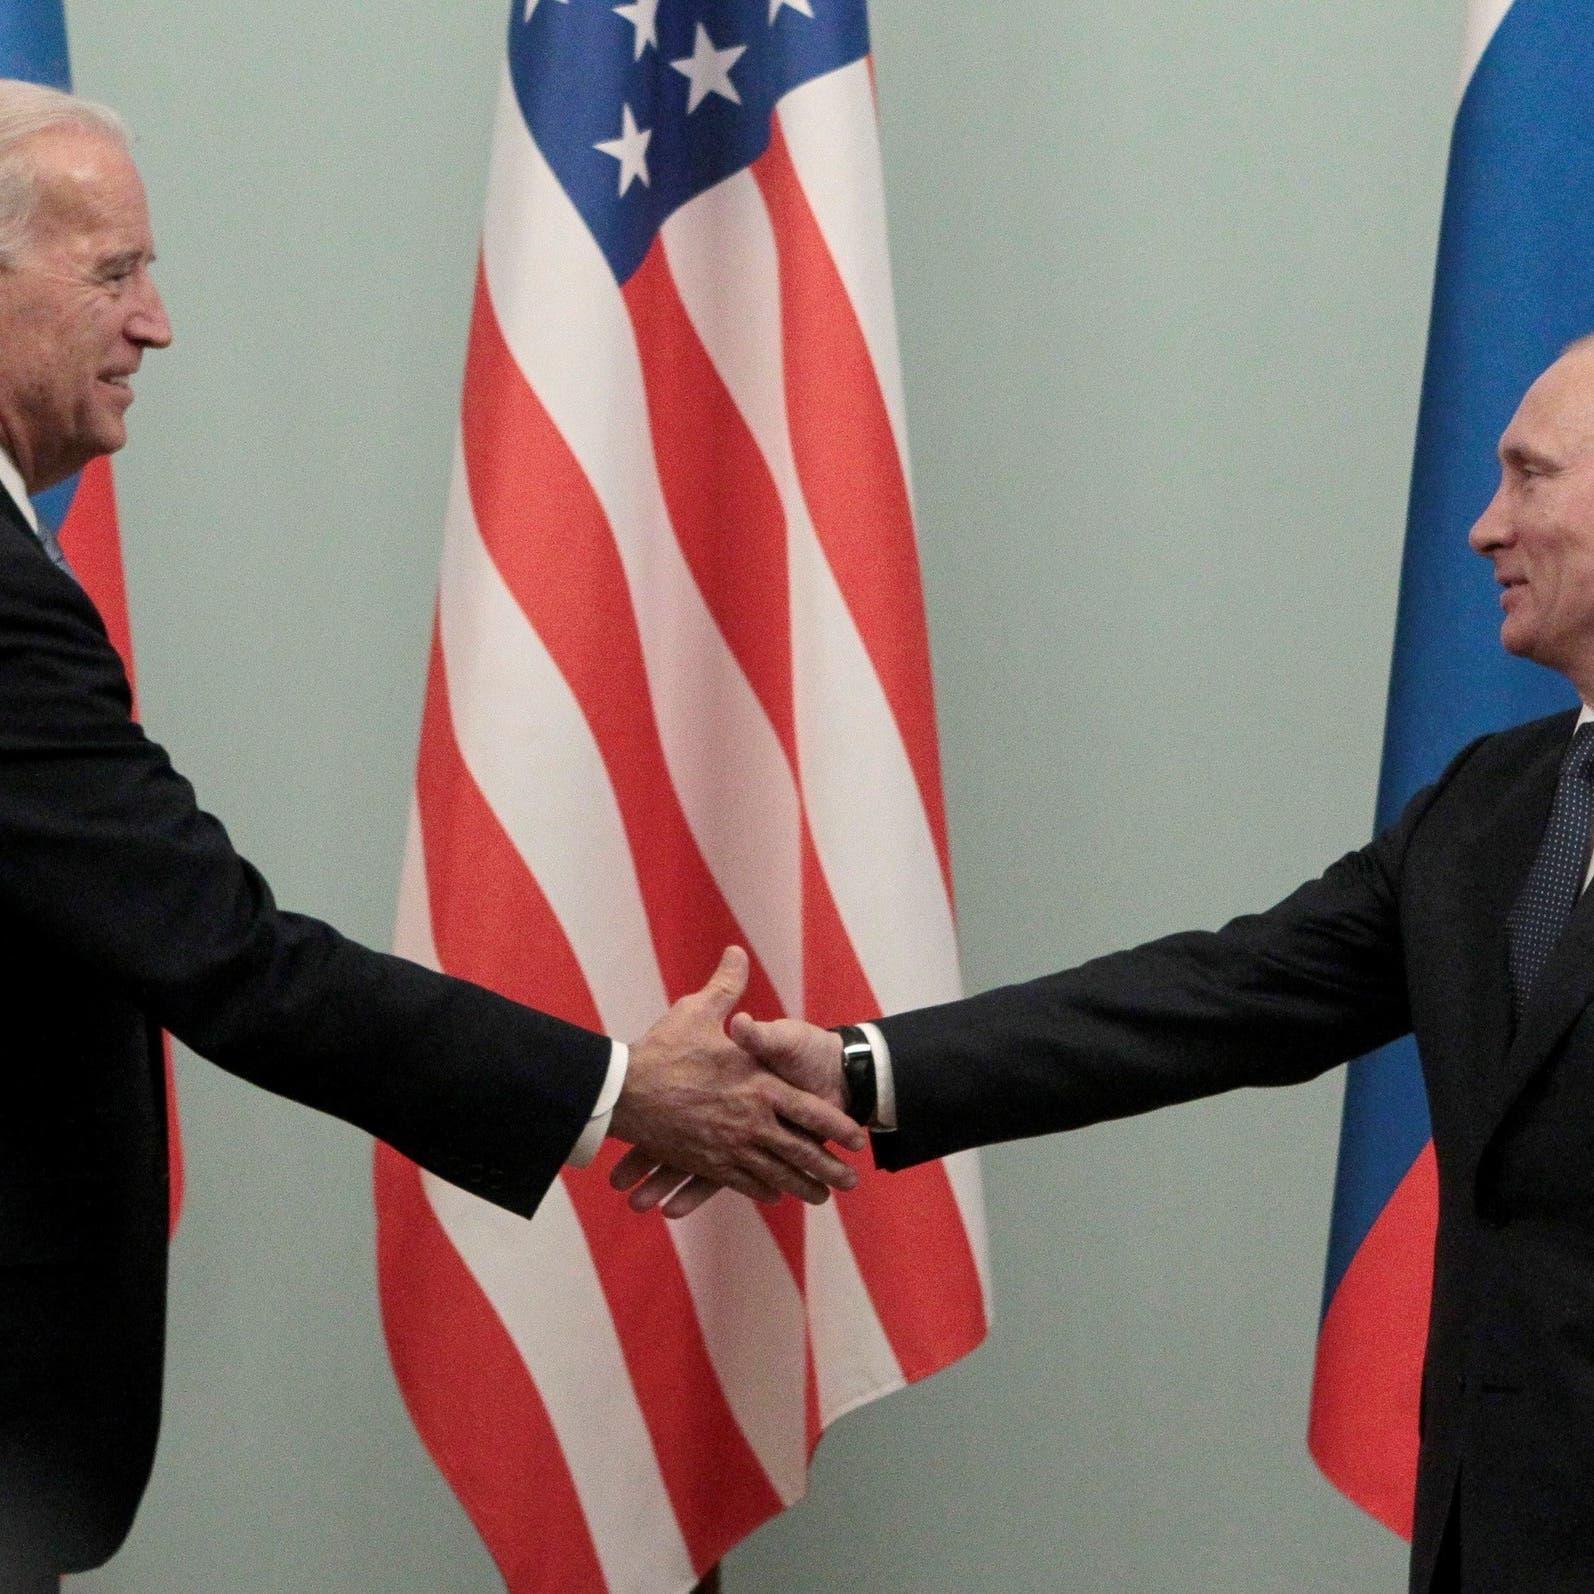 بايدن يتجاهل عرض بوتين بالتنسيق العسكري حول الملف الأفغاني